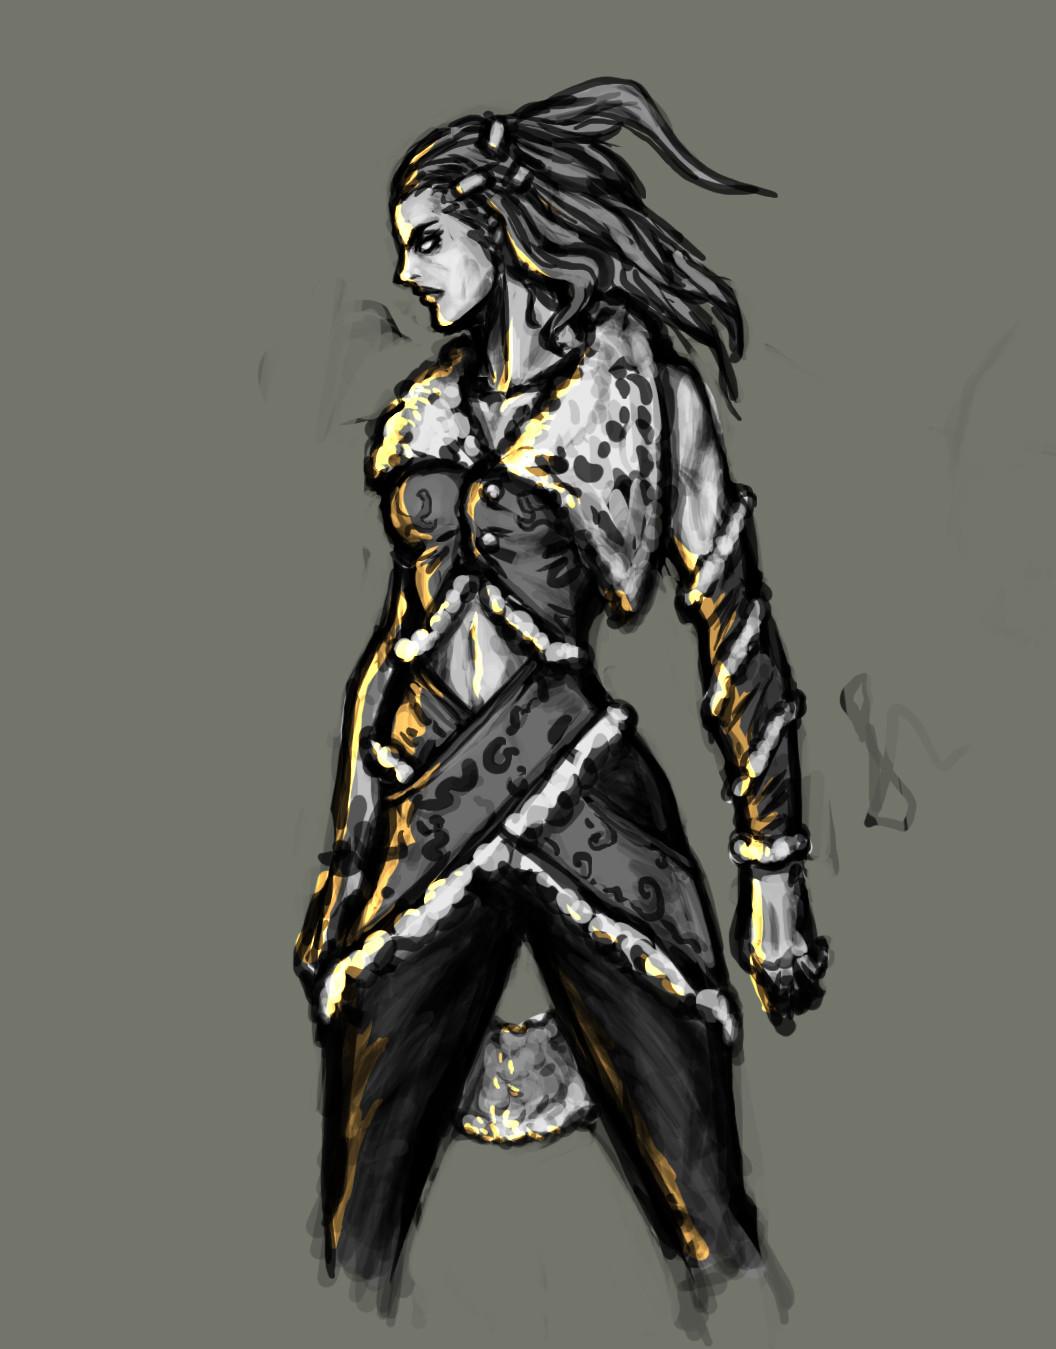 Kou dama viking woman